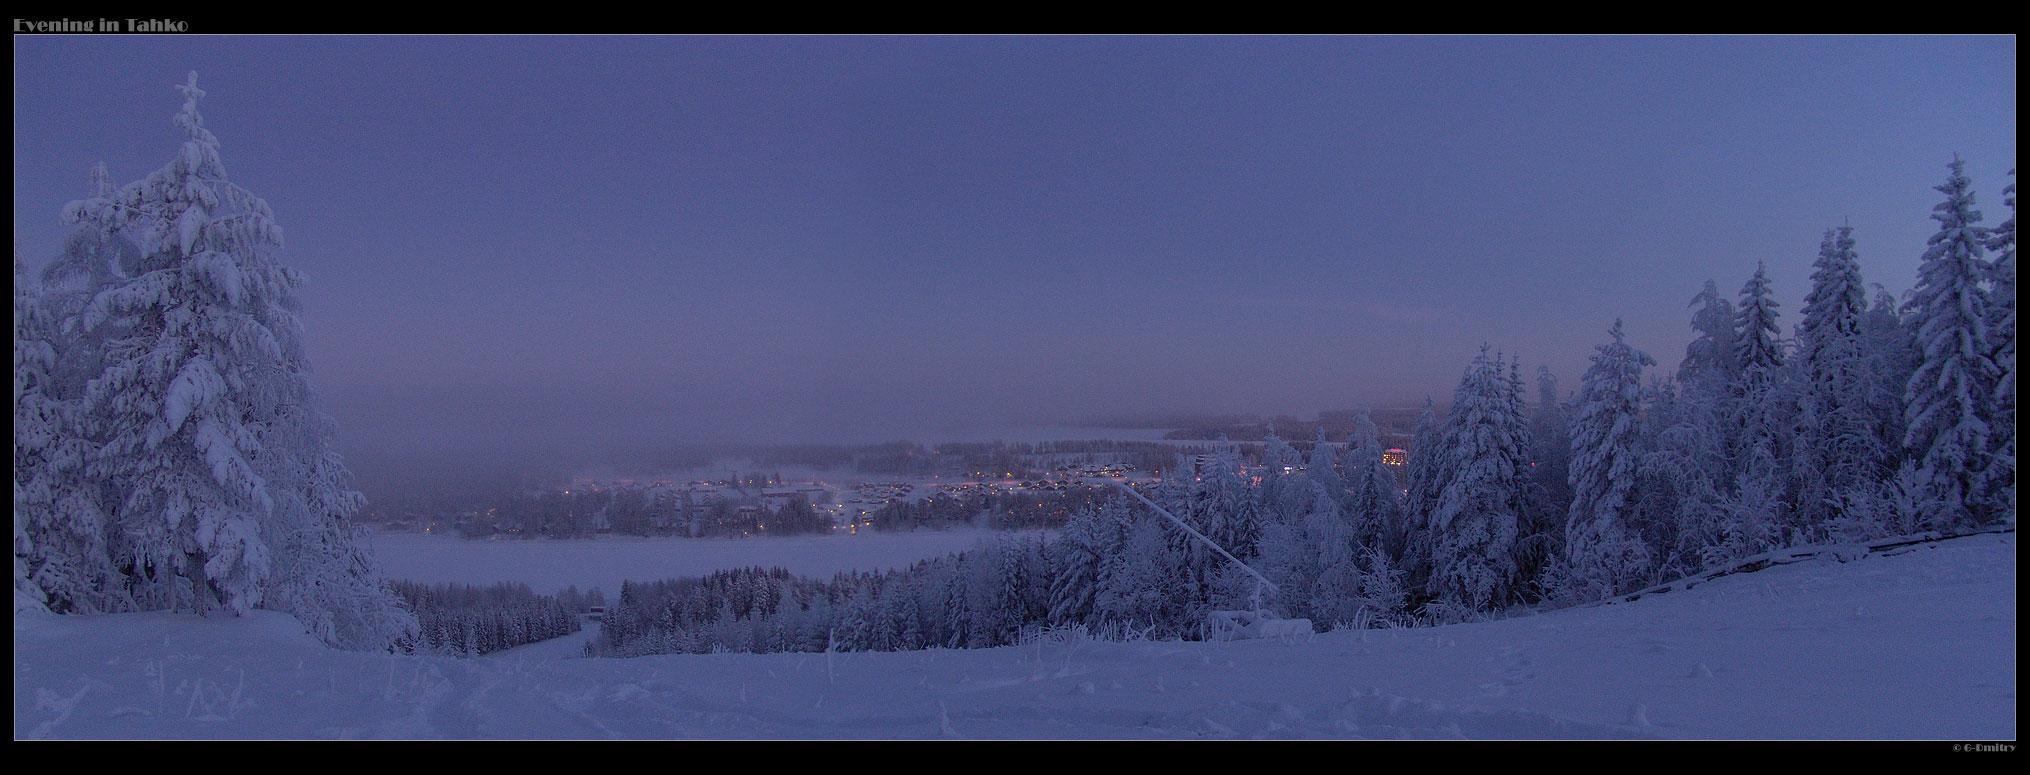 Evening in Tahko by G-Dmitry